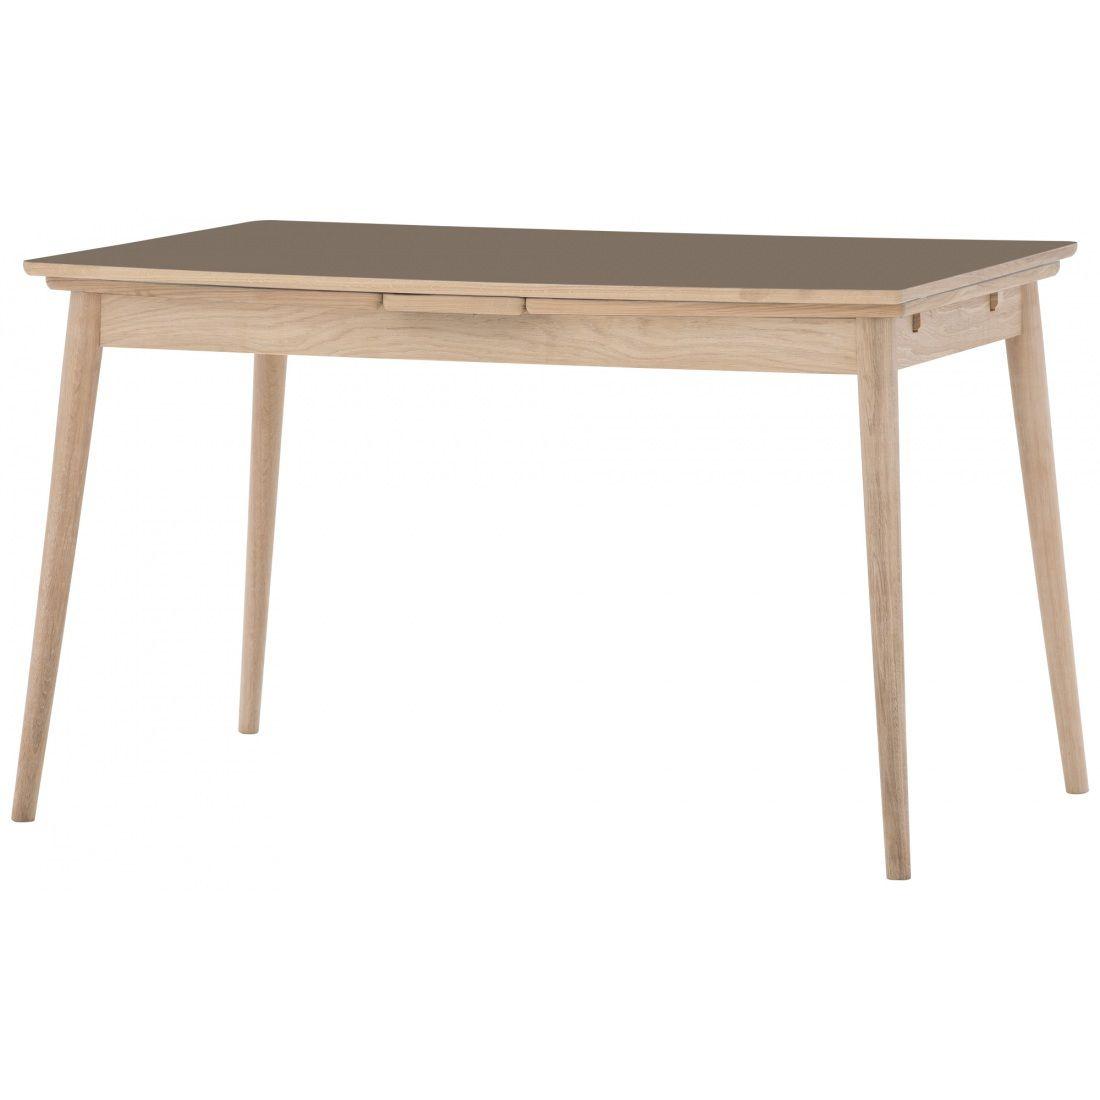 Tisch 60 x 80 ausziehbar best tisch eiche ausziehbar wei for Tisch 60 x 80 ausziehbar